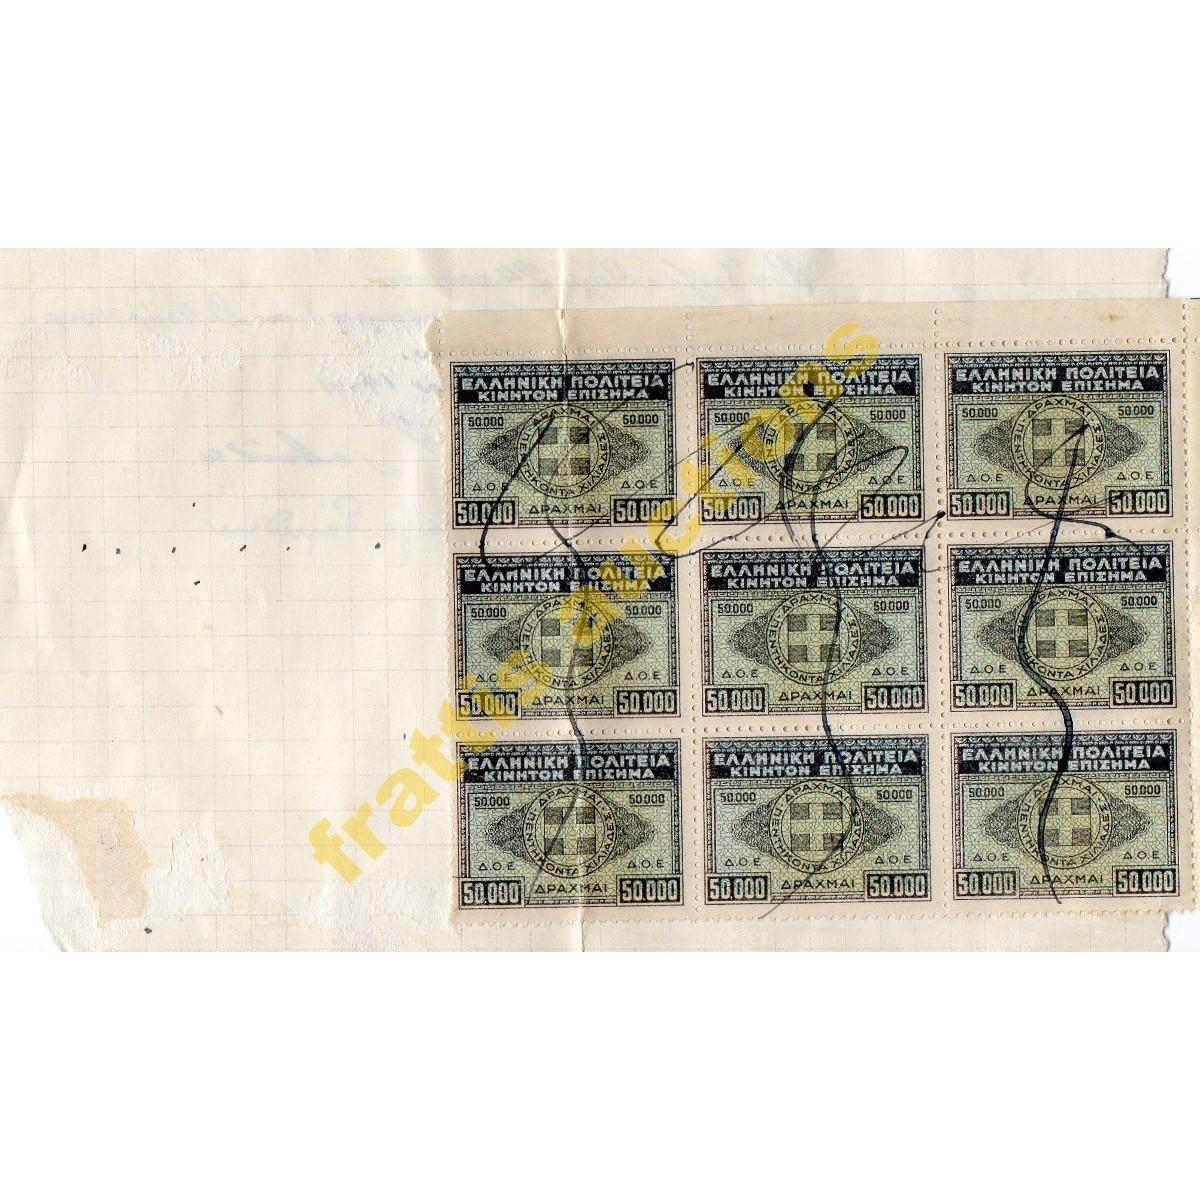 Χειρόγραφη απόδειξη πληρωμής χαρτοσημασμένη 1944.